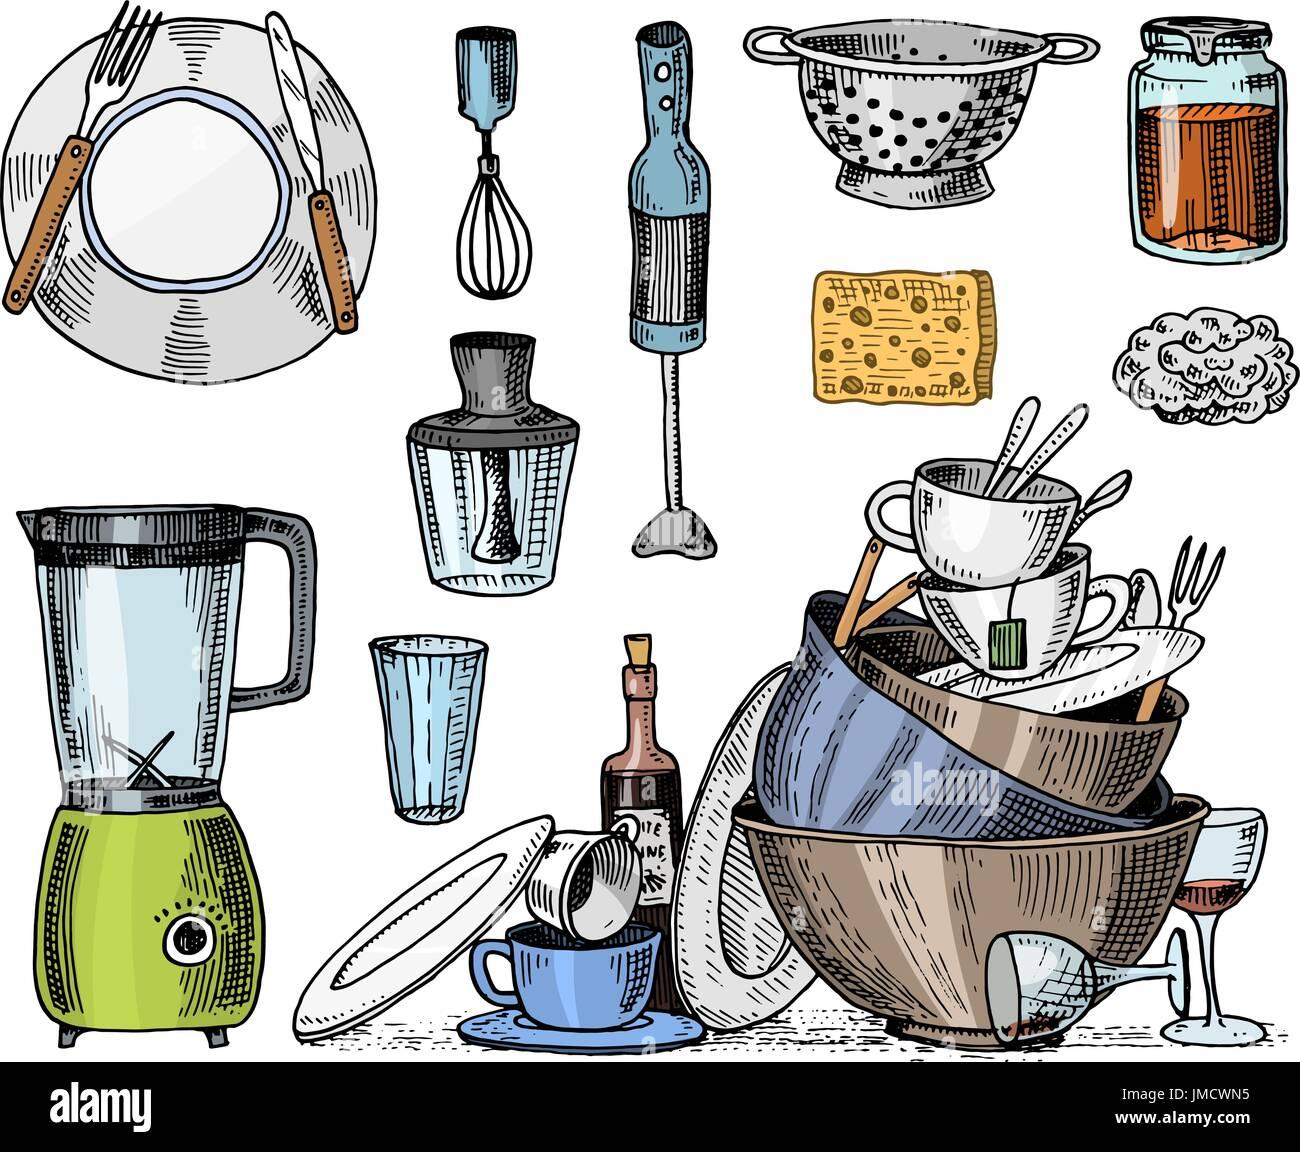 sieb mixer und entsafter schmutziges geschirr jam und schwamm waschen koch und schmutzigen. Black Bedroom Furniture Sets. Home Design Ideas